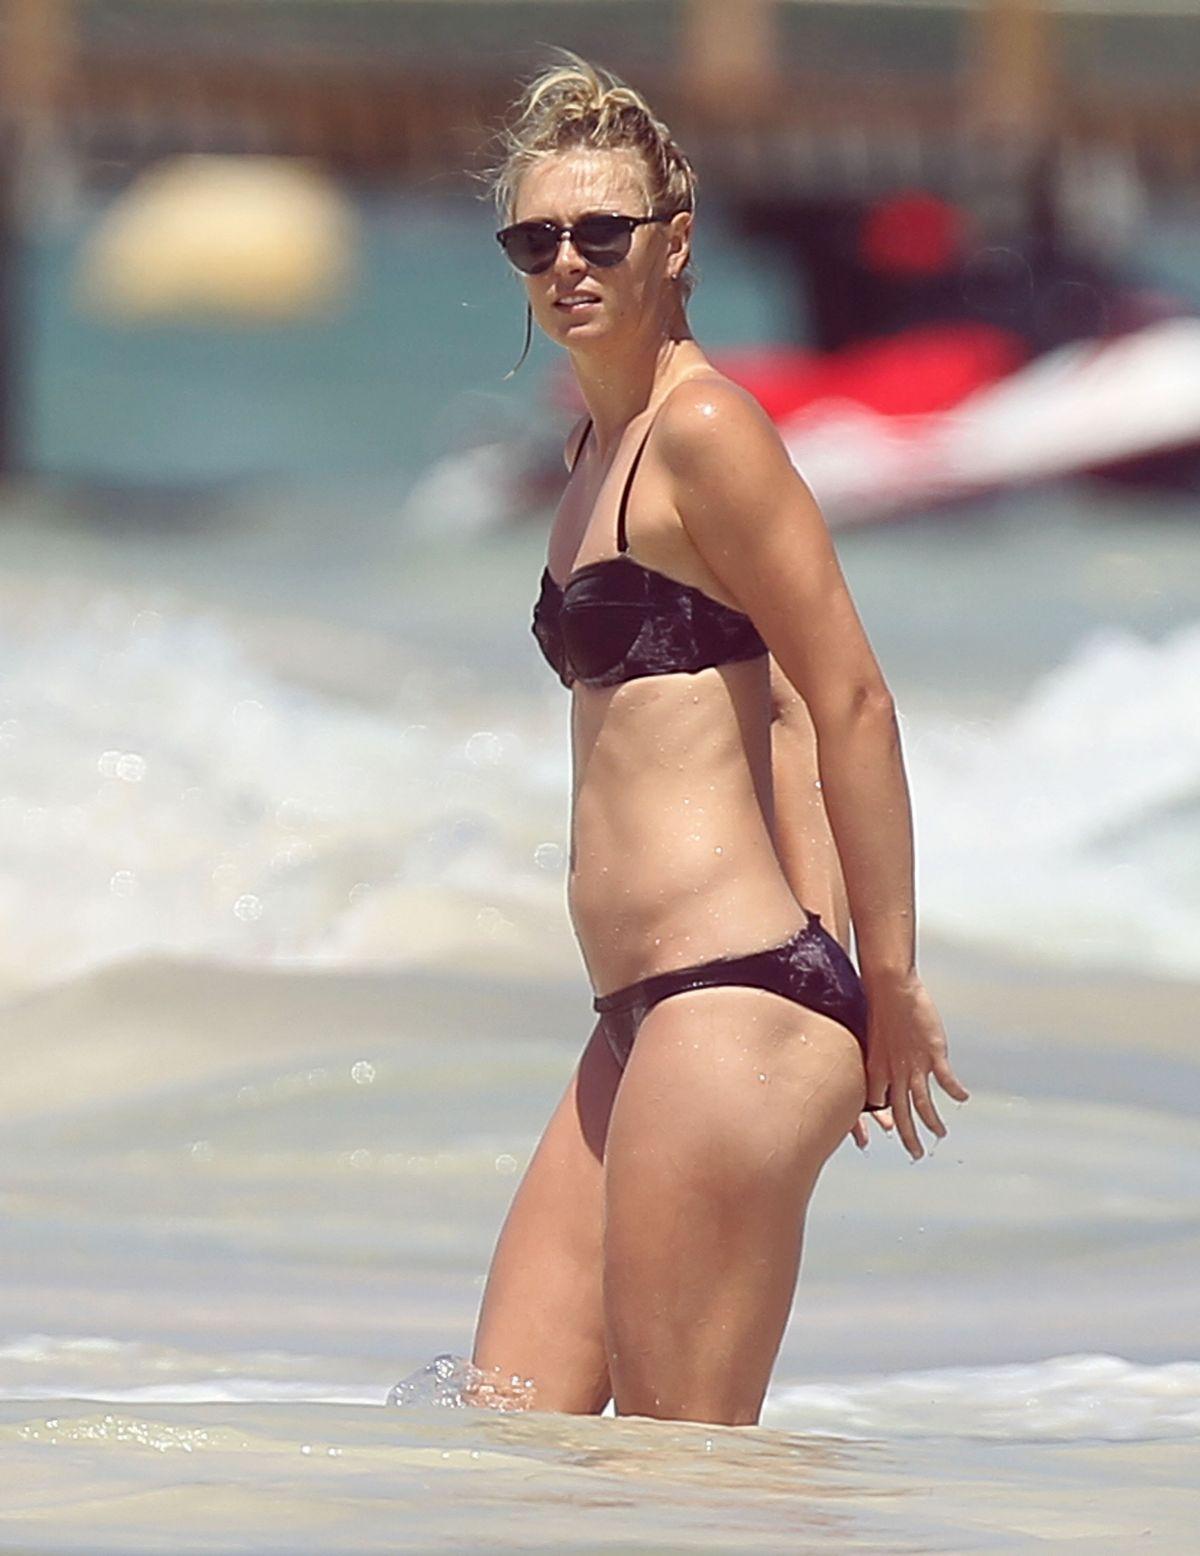 MARIA SHARAPOVA in Bikini on the Beach in Cancun  : maria sharapova in bikini on the beach in cancun18 from www.hawtcelebs.com size 1200 x 1556 jpeg 132kB